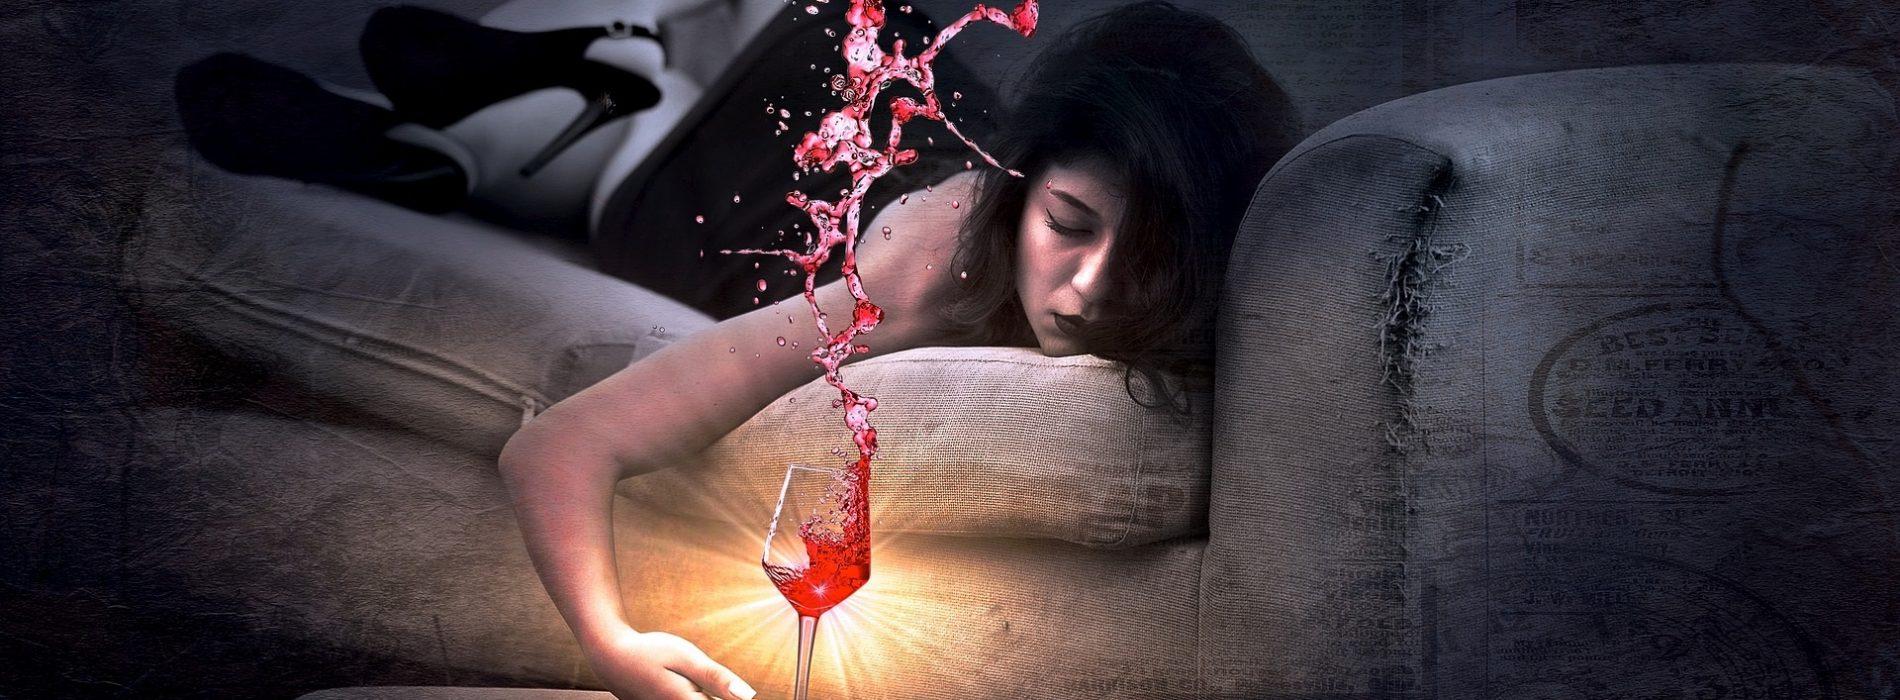 Czy wiesz, dlaczego uzależniamy się od alkoholu?